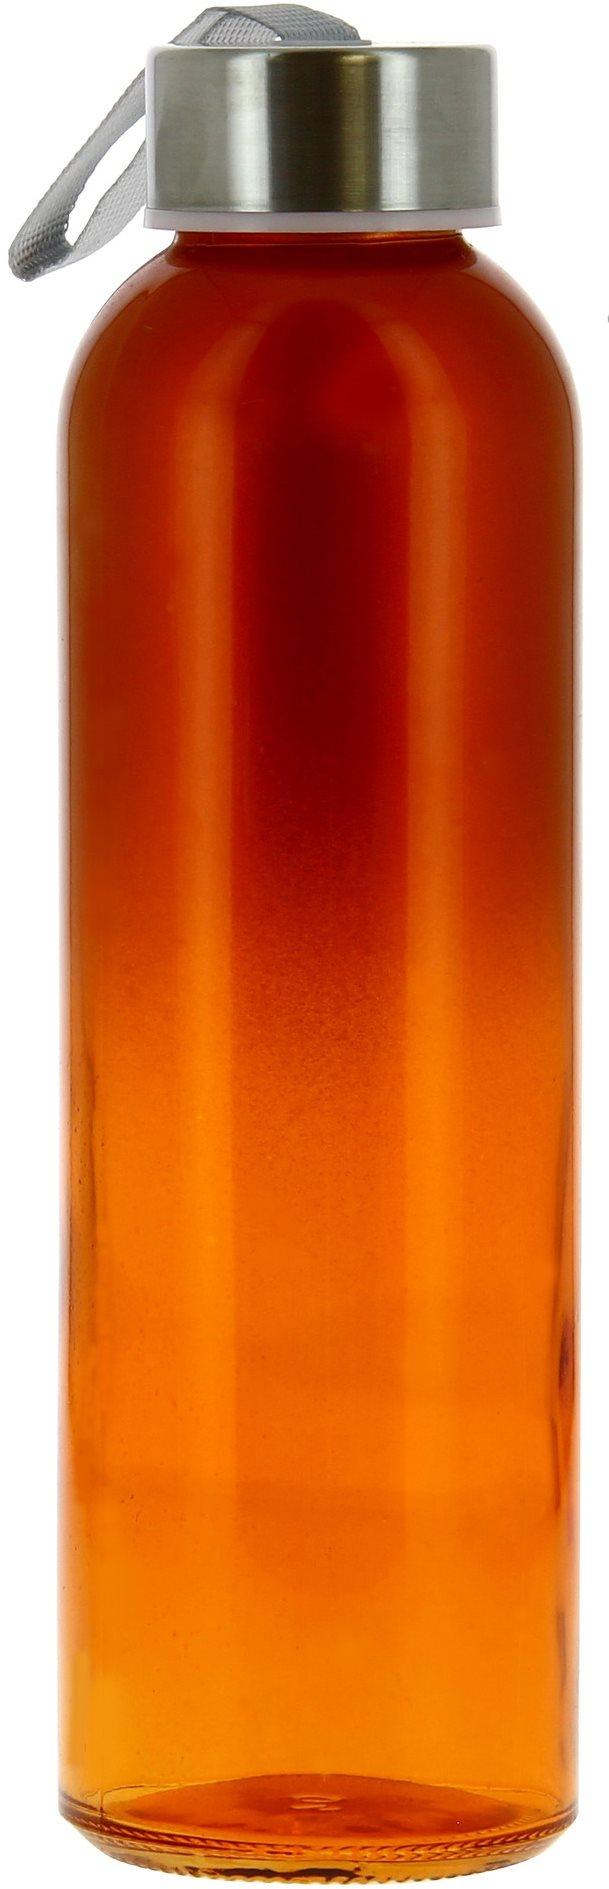 CERVE WALKING BOTTLE HOLLYWOOD üveg 50 cl narancssárga